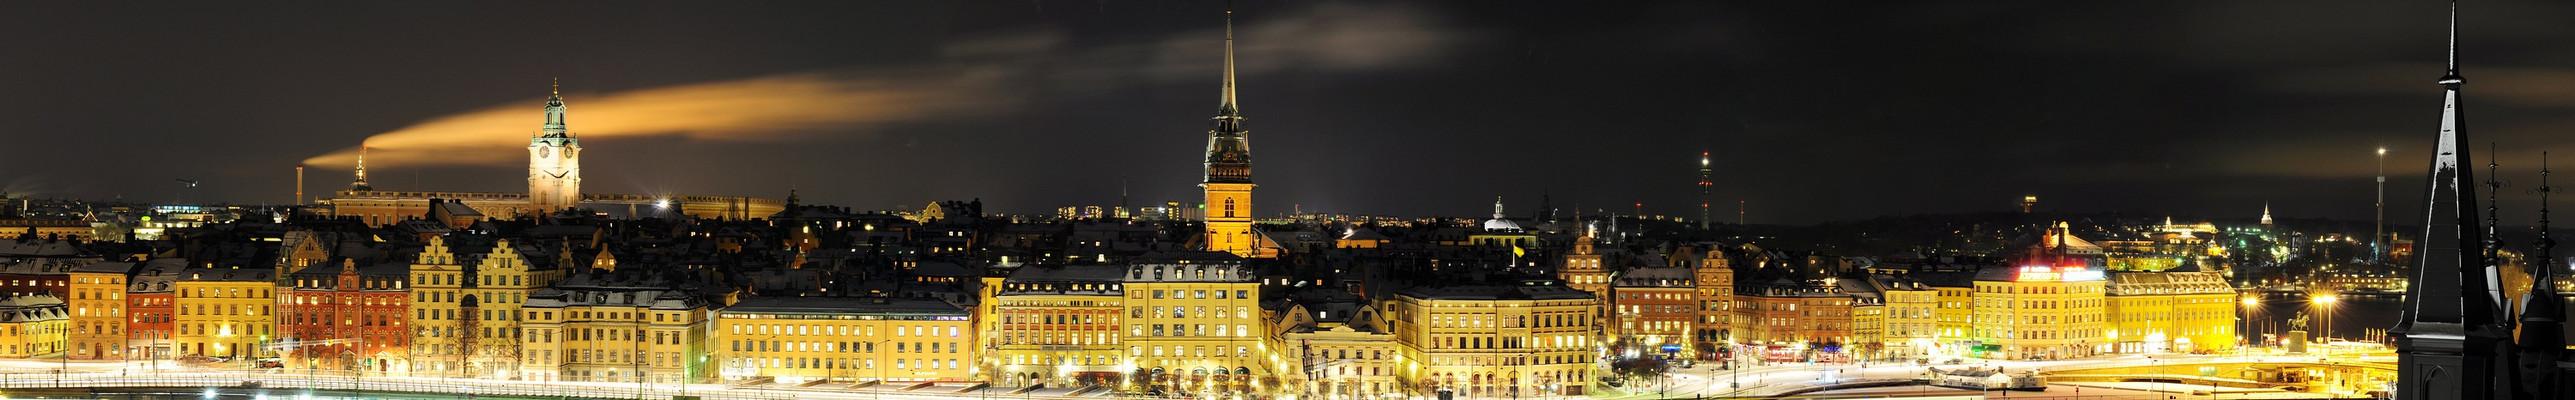 Stockholm@70mm